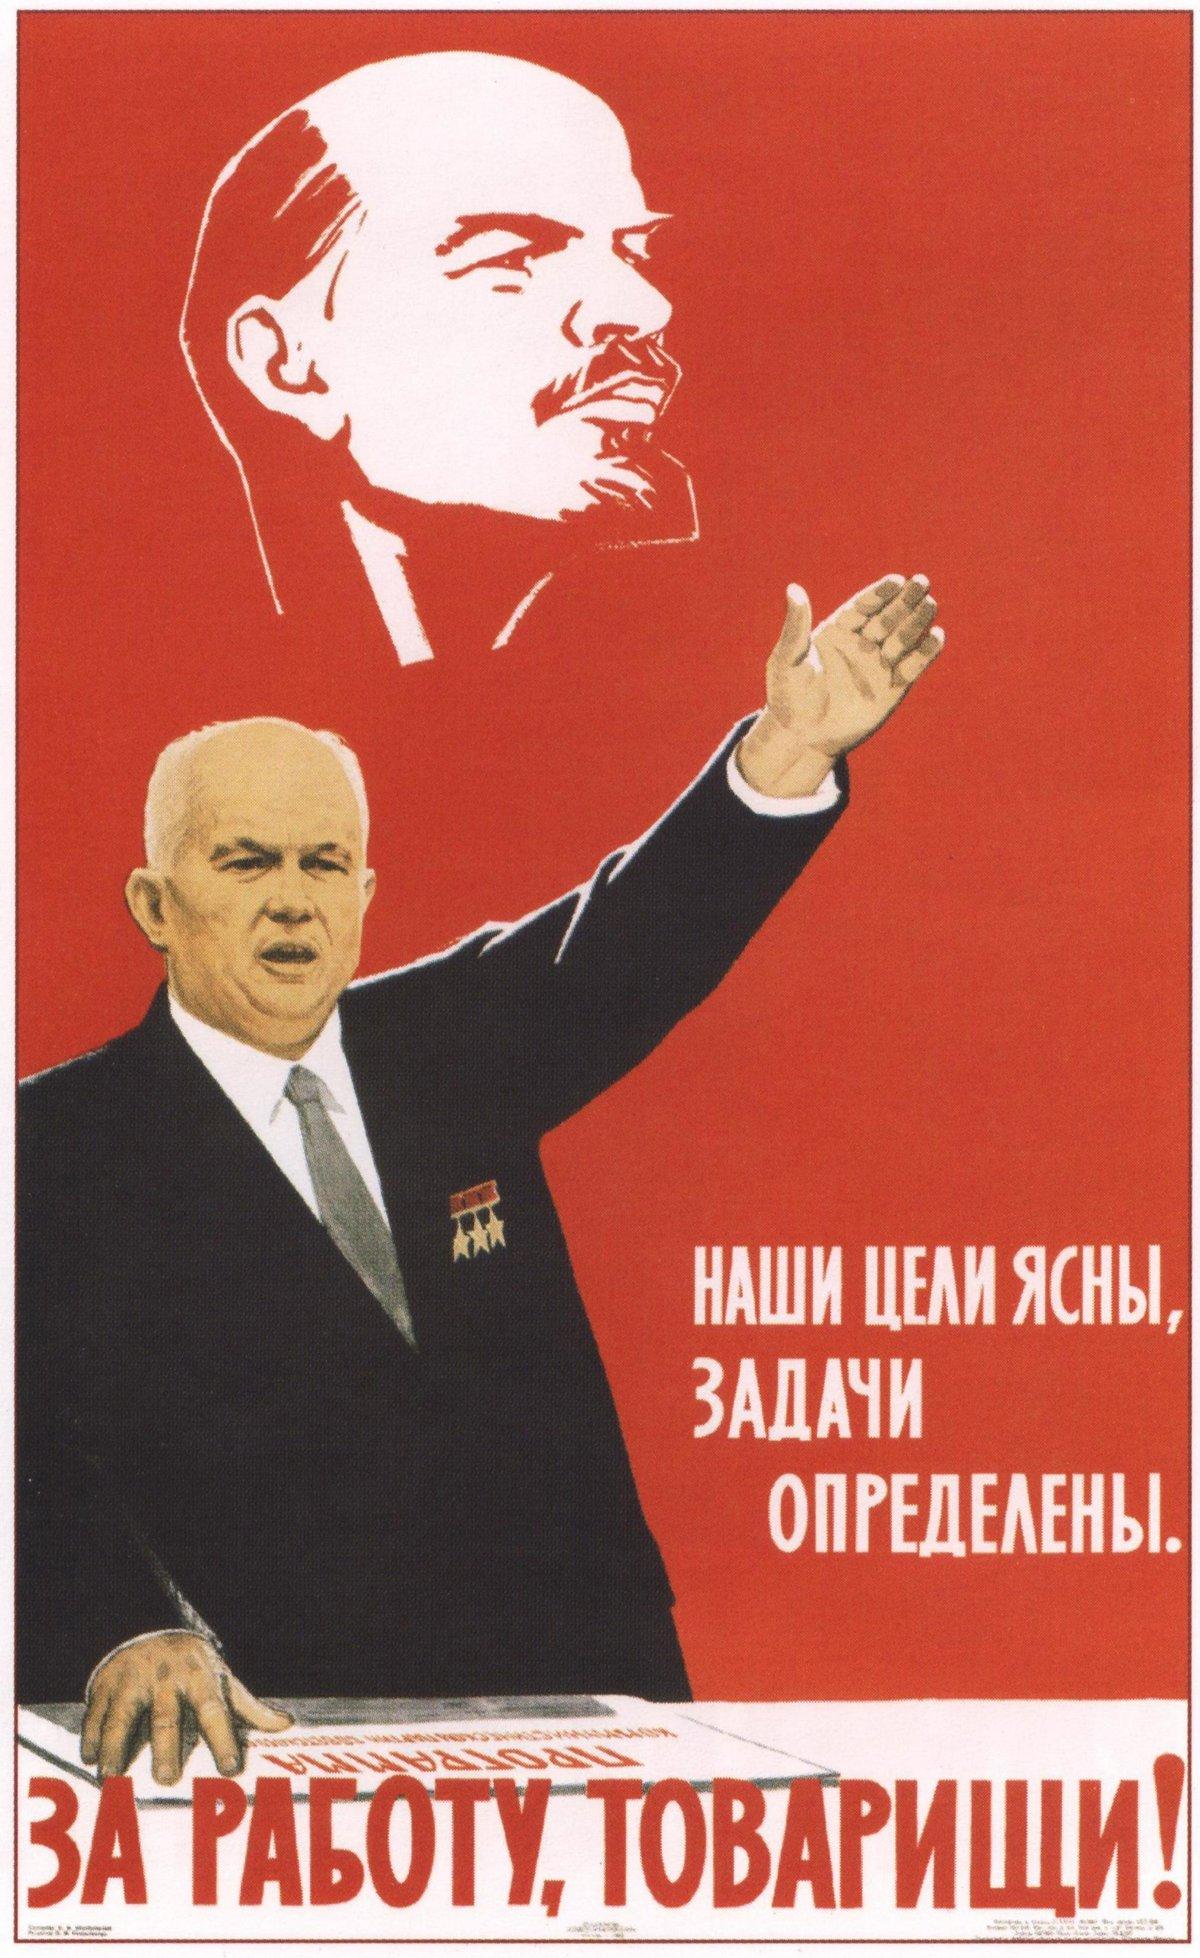 Прикольные картинки о коммунизме